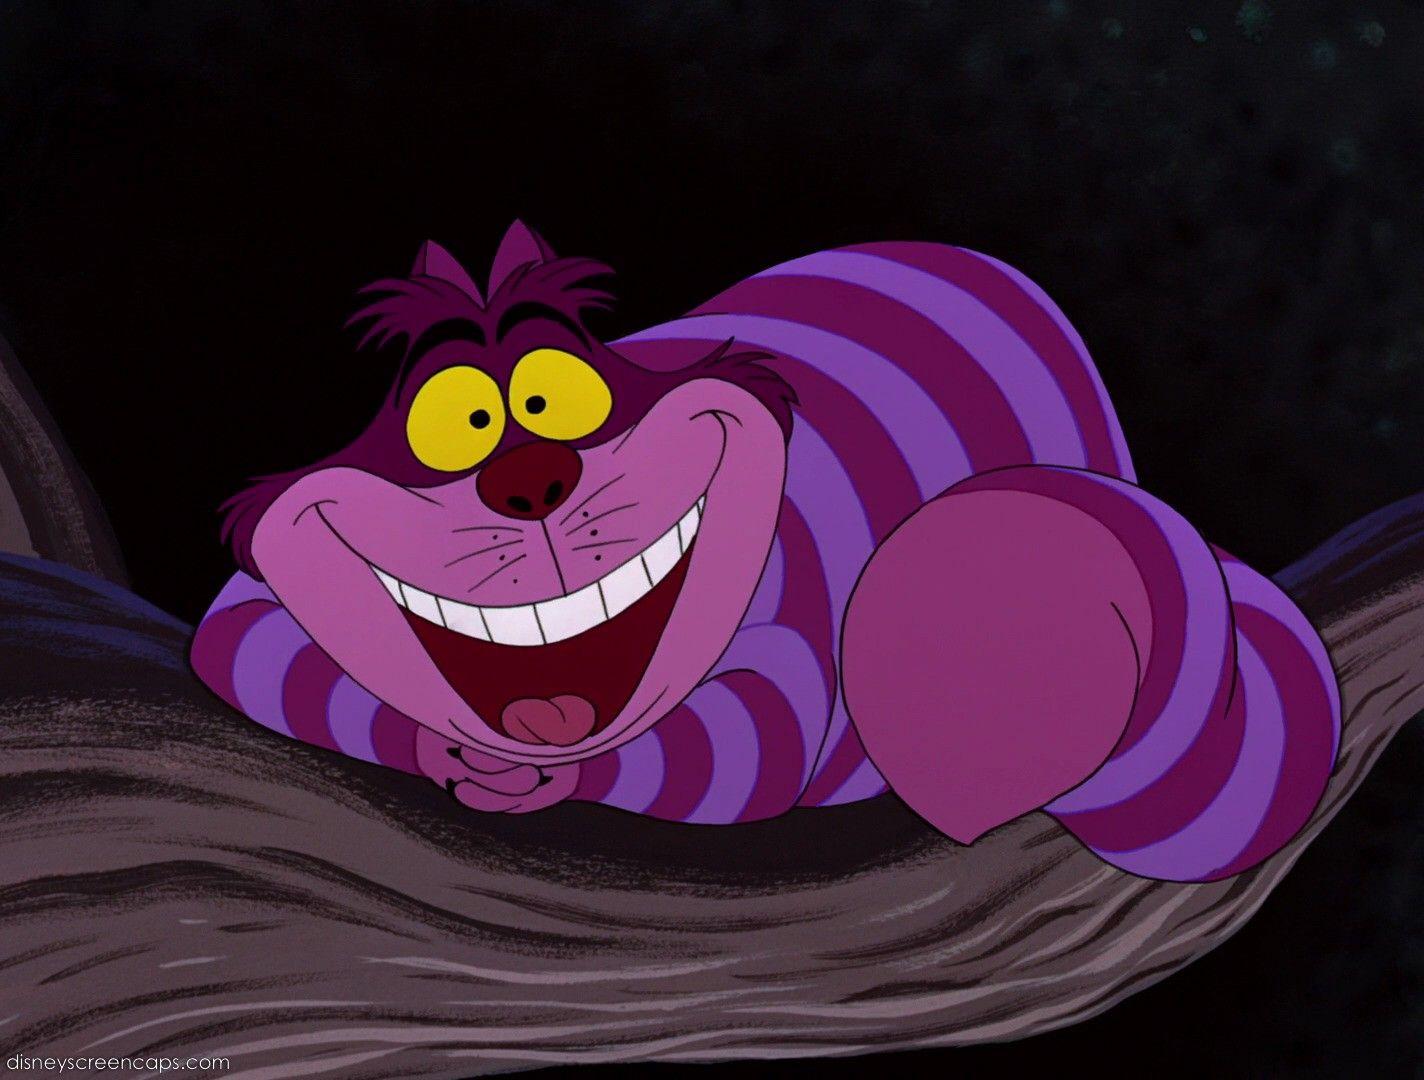 Alice In Wonderland 1951 Disney Screencaps Com Grinsekatze Alice Im Wunderland Alice Im Wunderland Spiele Disney Katzen